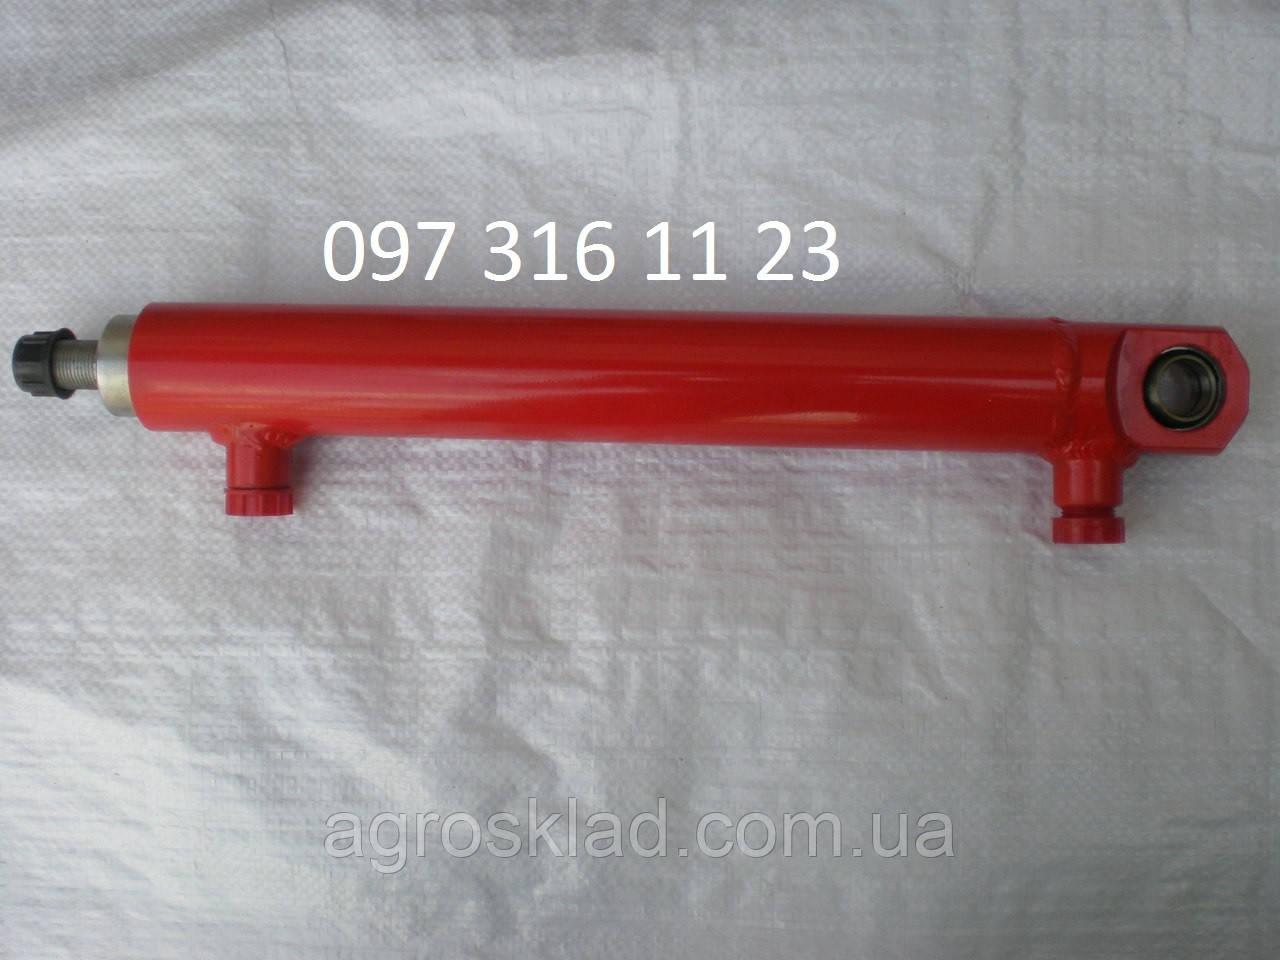 Гидроцилиндр Ц40х250-12 (поворота колес Т-16)